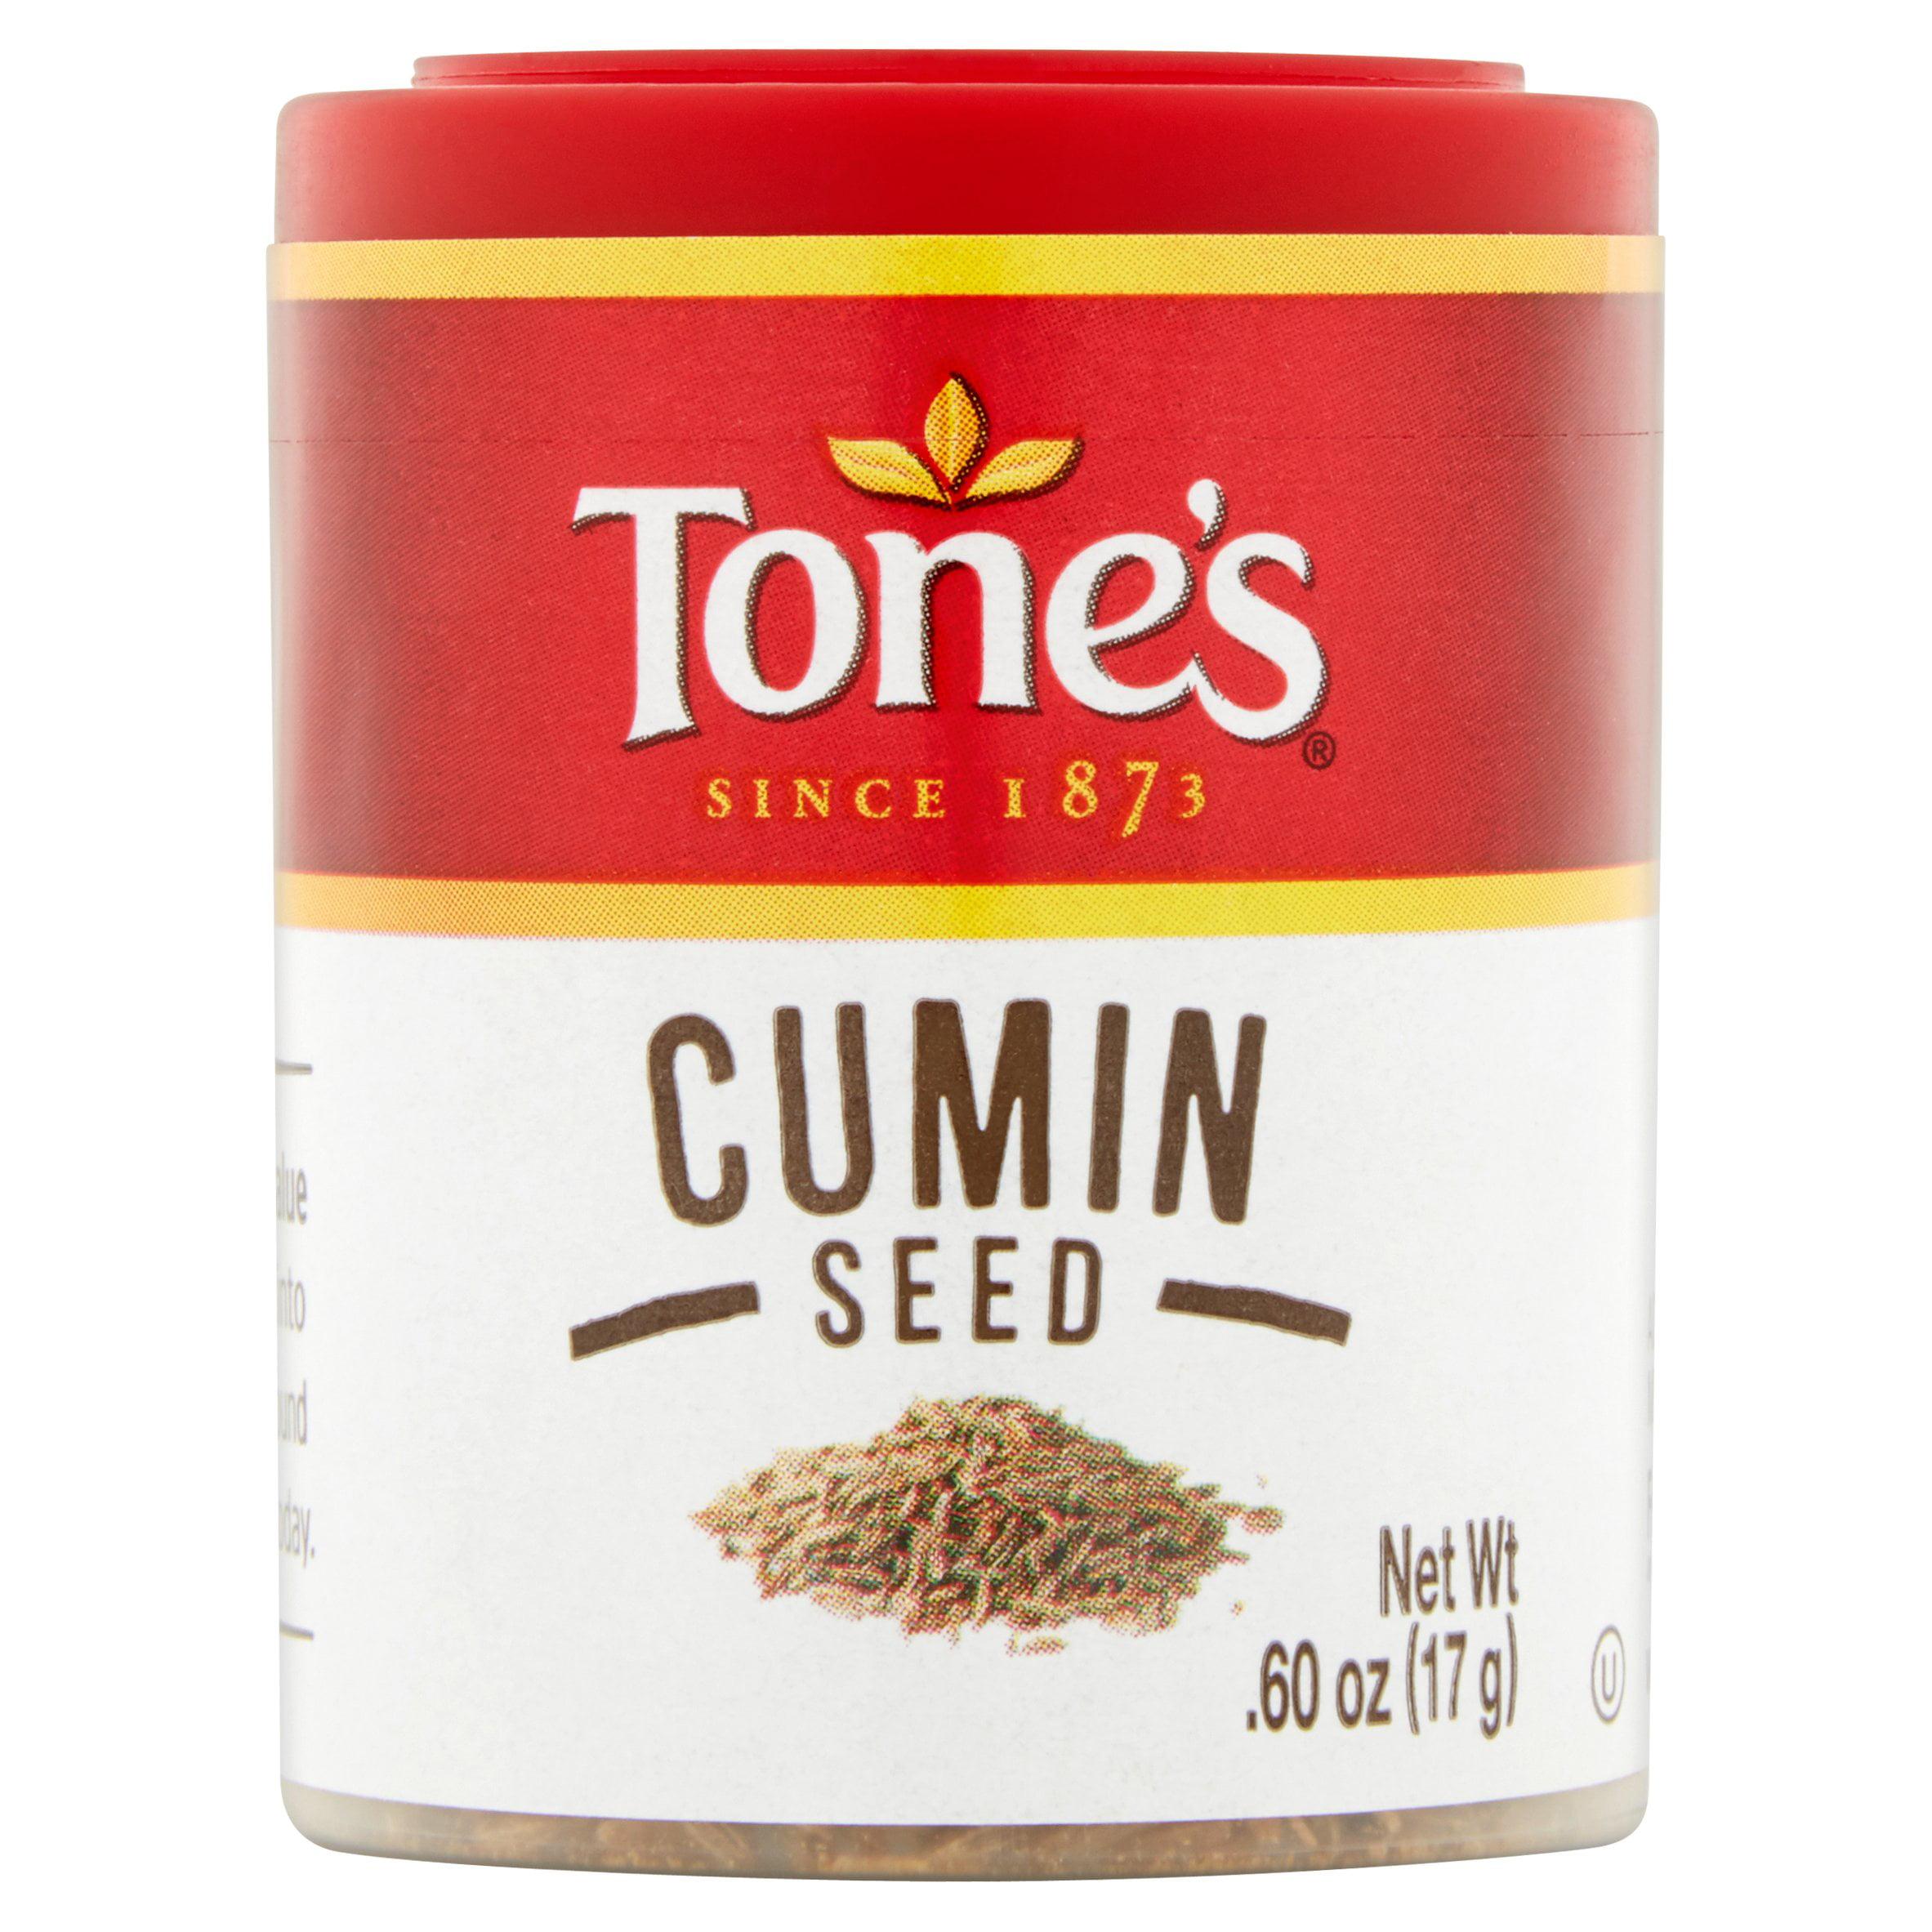 (4 Pack) Tone's Cumin Seed, .60 oz